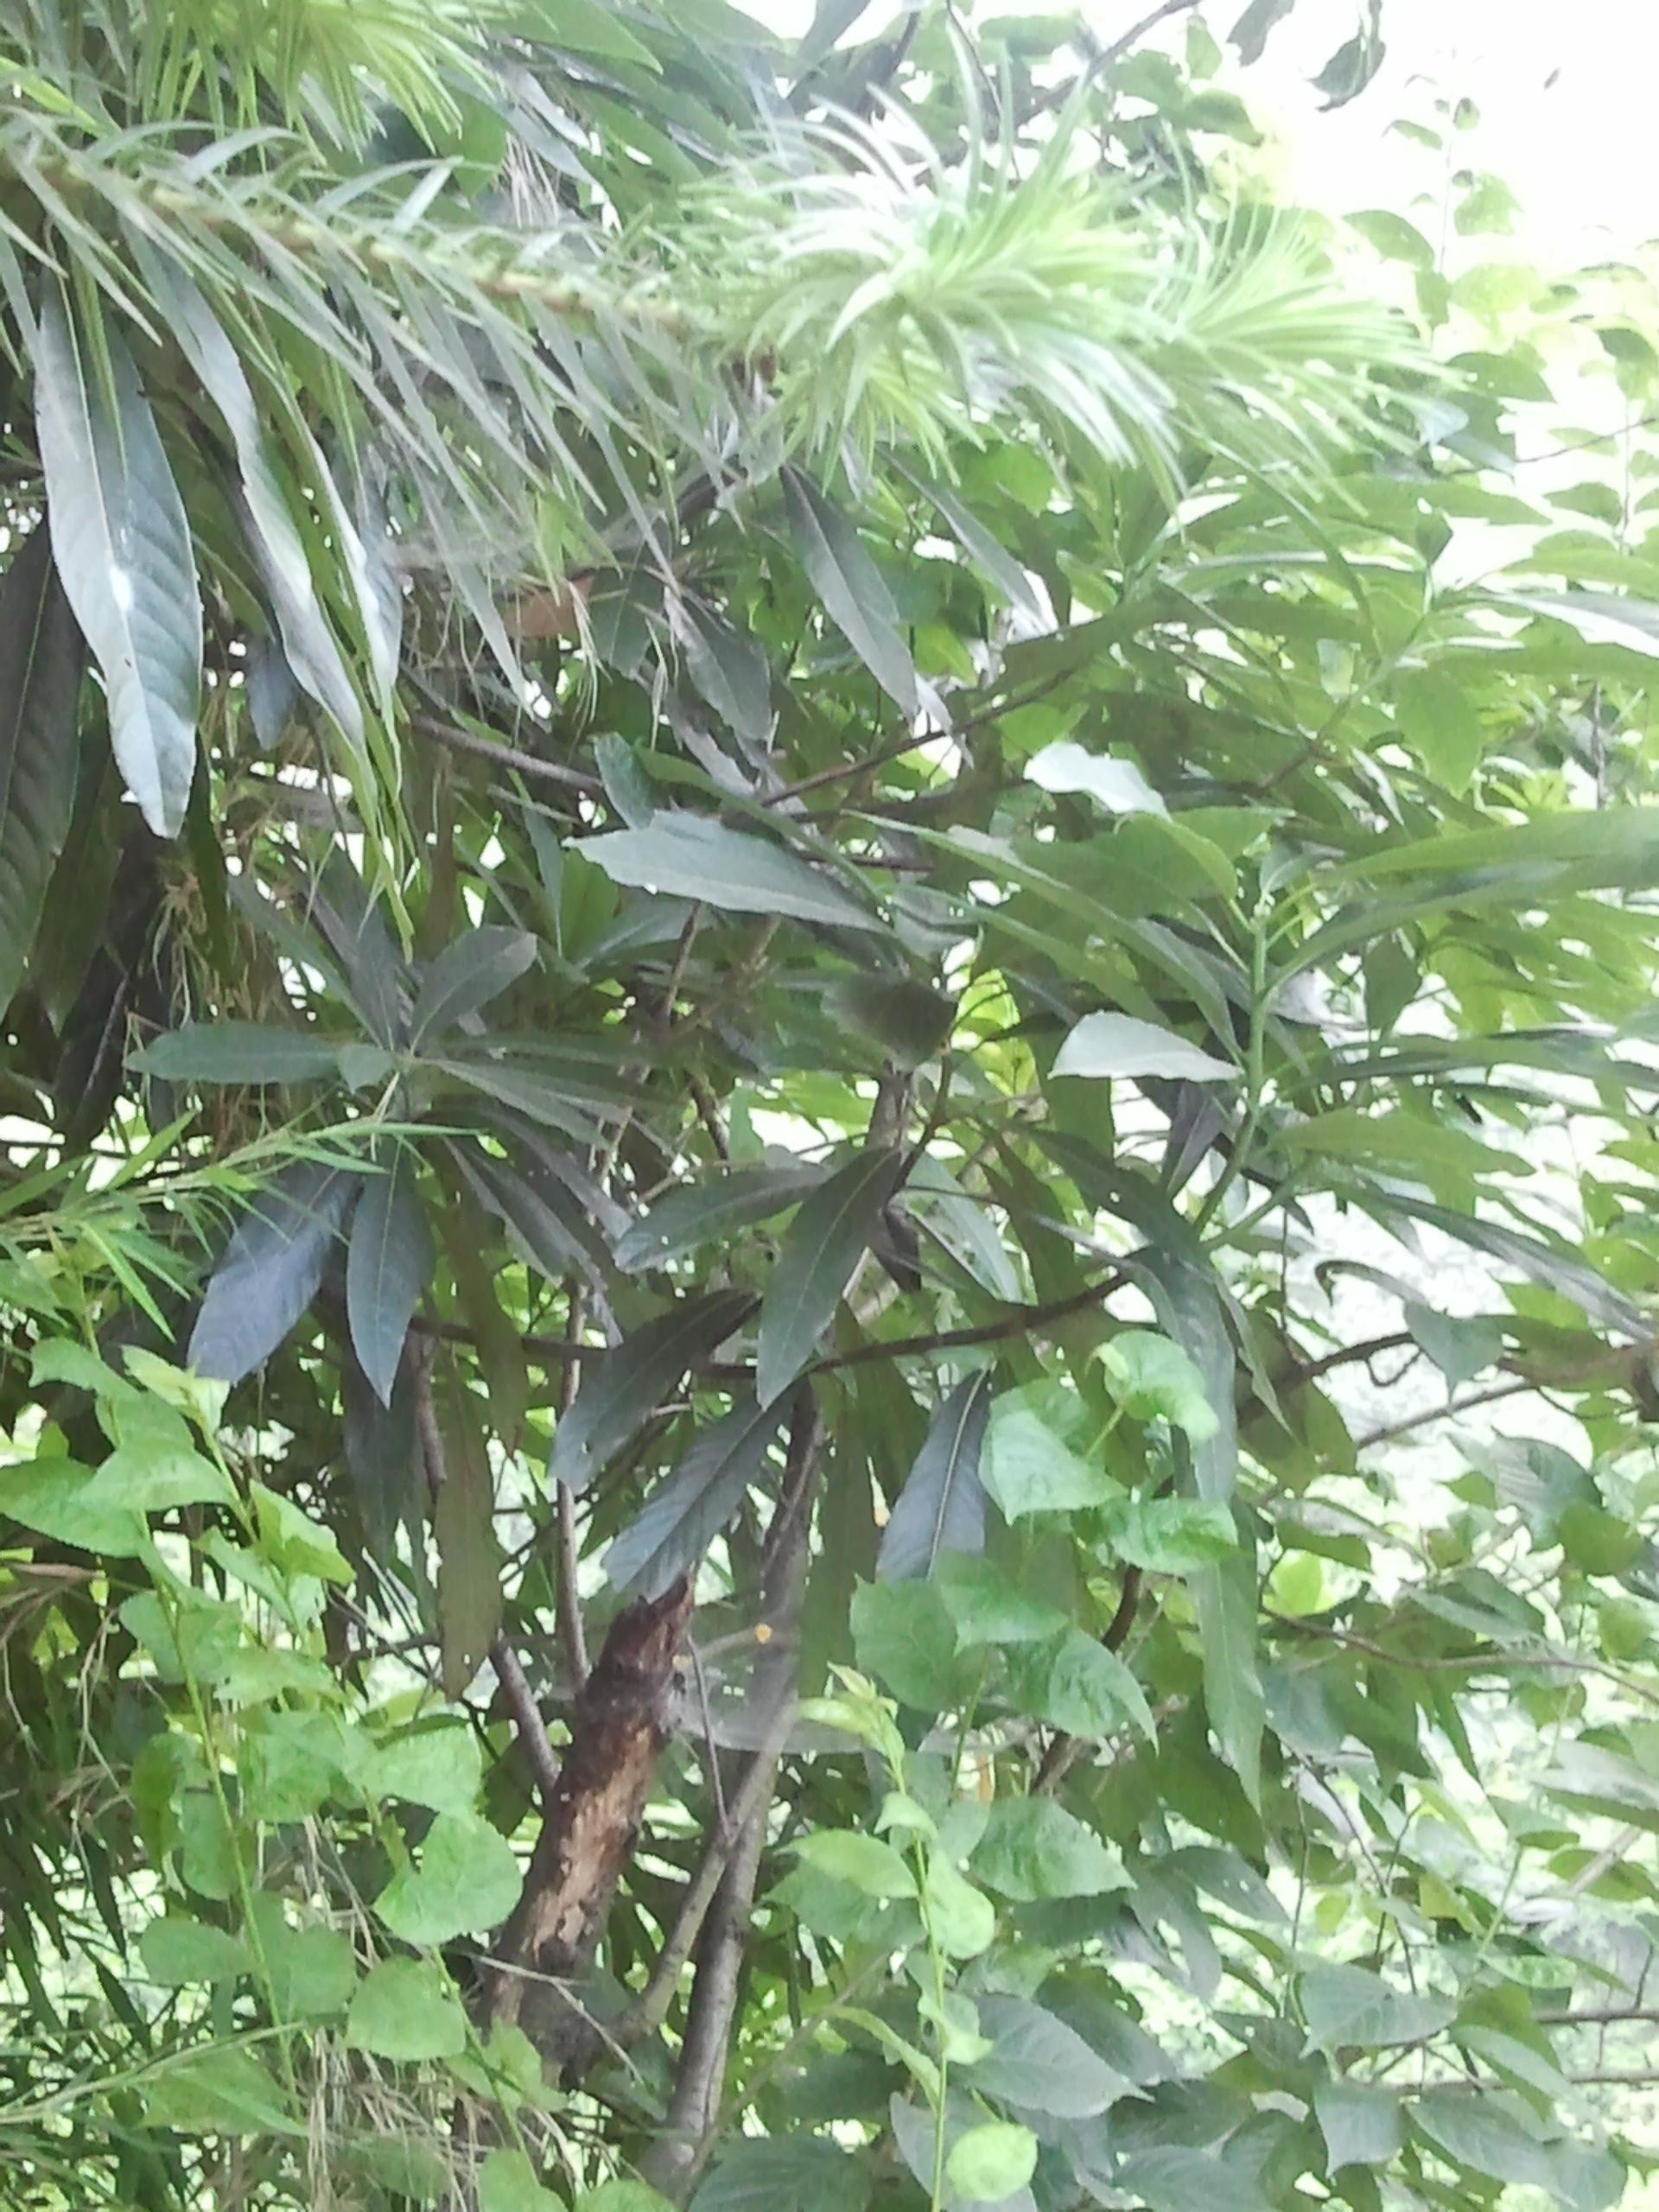 金丝楠木树高清图片_请问这是楠木树吗、价值高吗 、感谢各位高手_百度知道